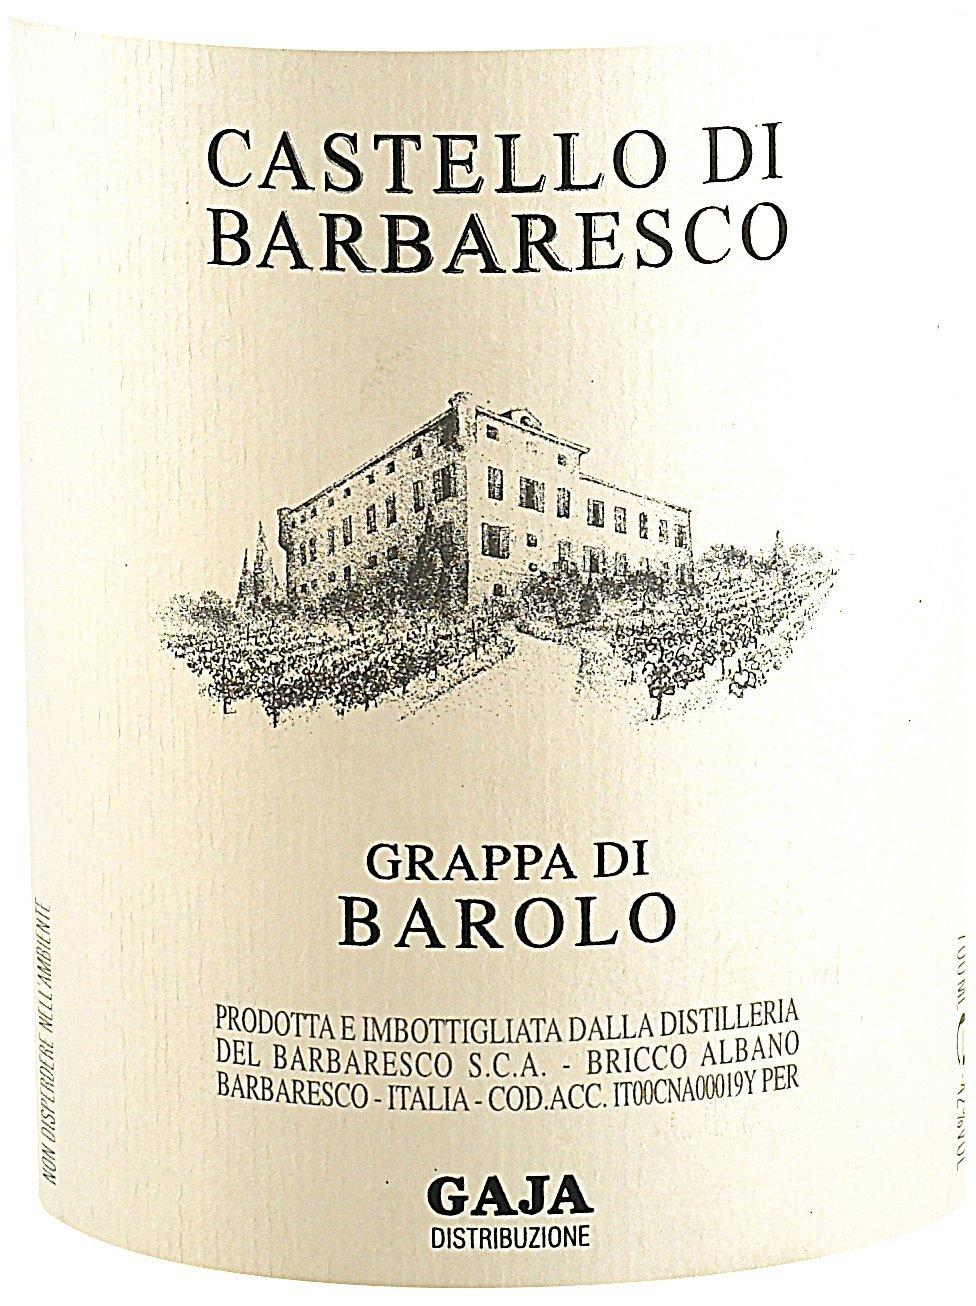 Etichetta bottiglia Castello di Brbaresco